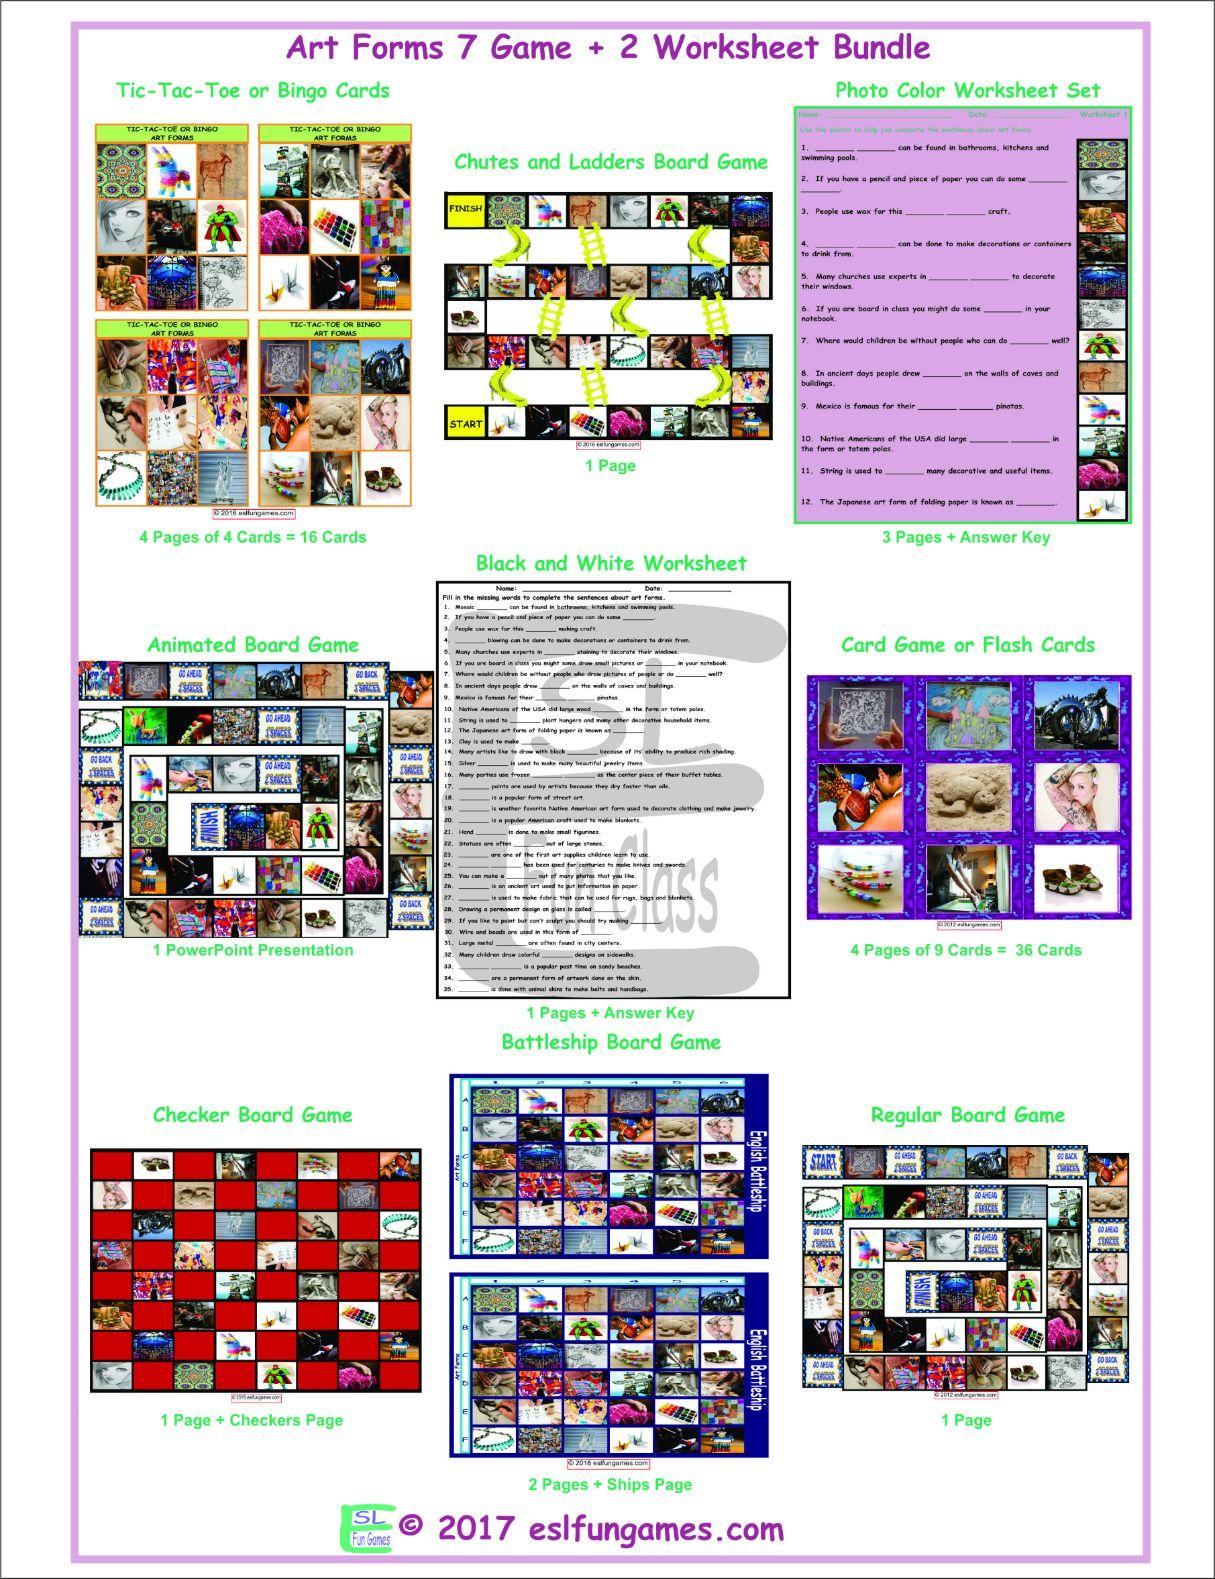 Art Forms 7 Game Plus 2 Worksheet Bundle